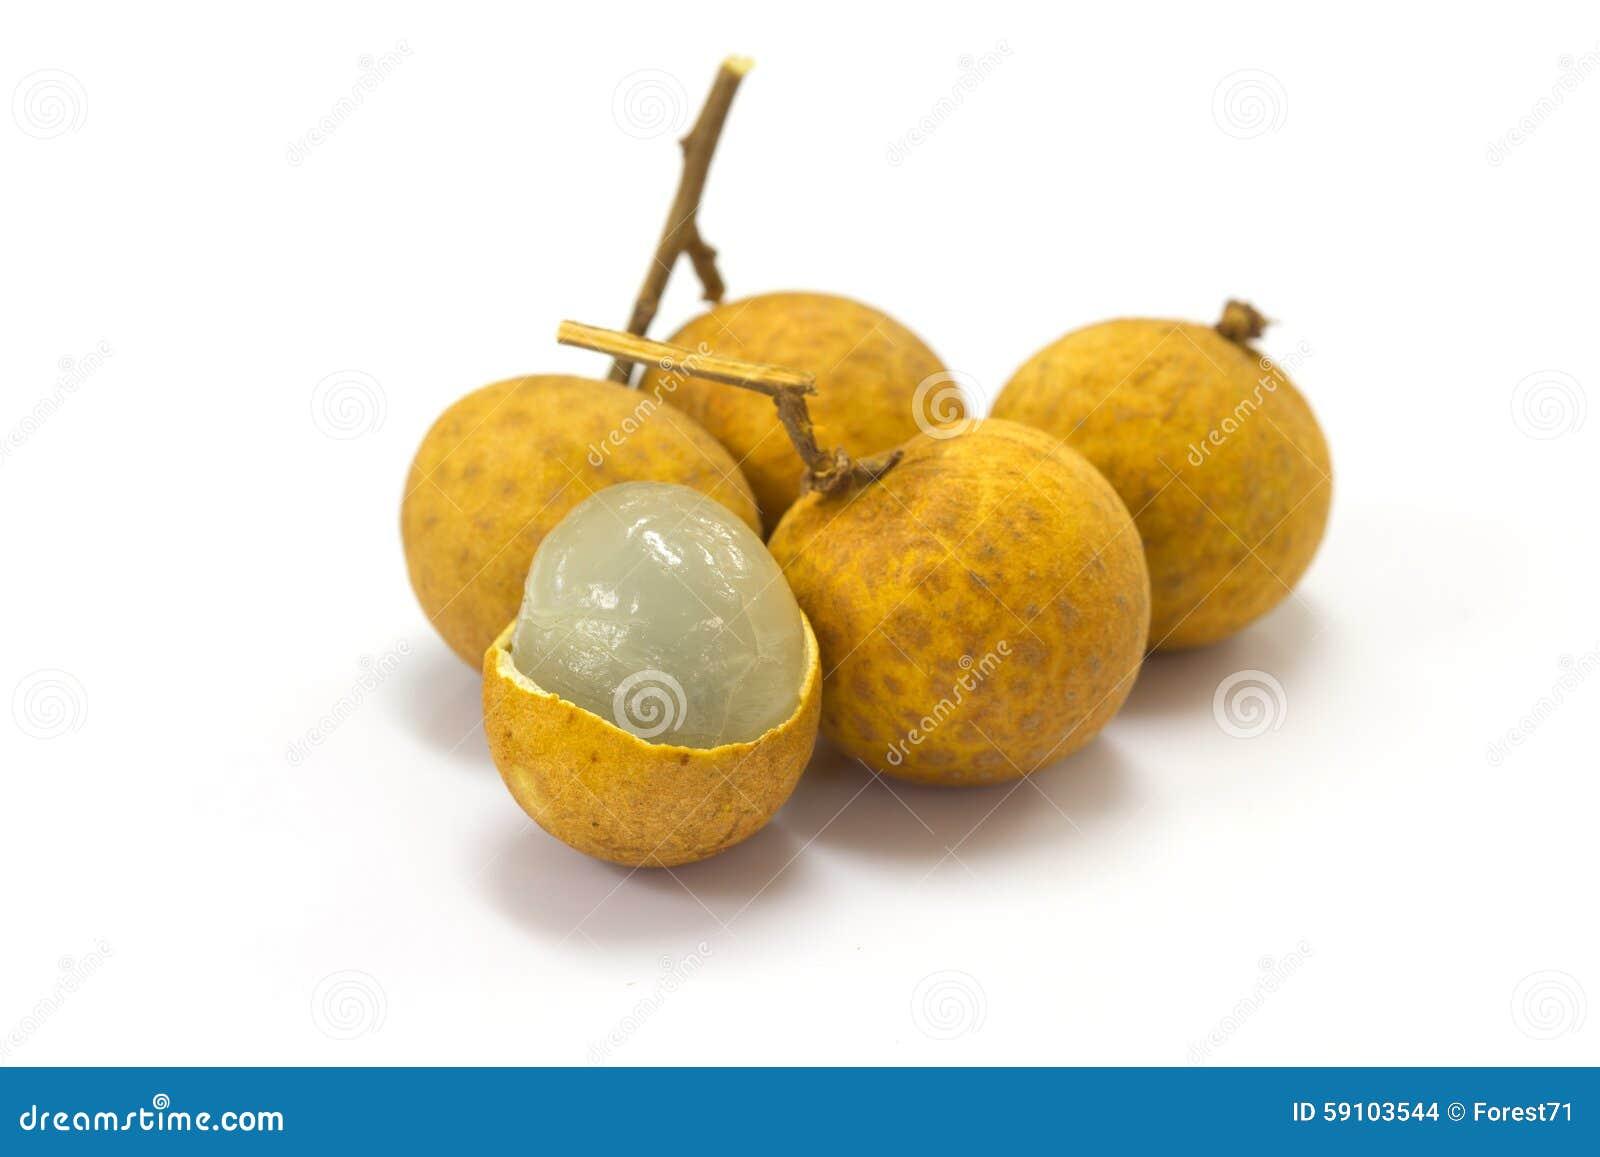 新鲜的龙眼果子